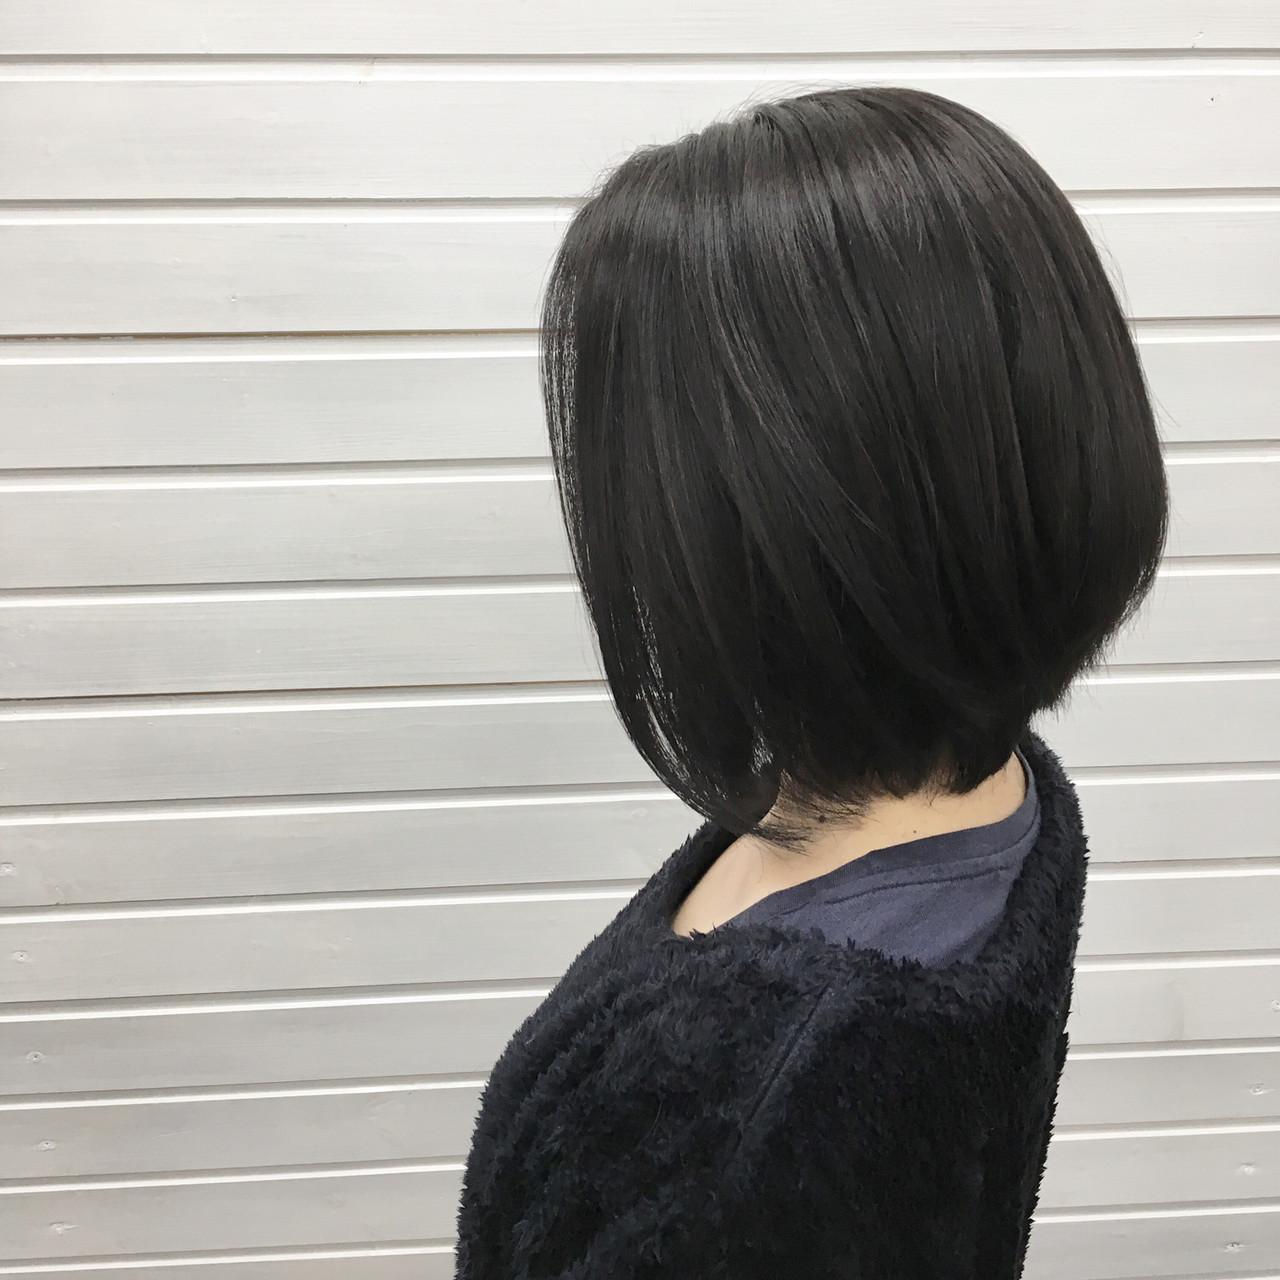 暗髪女子 フェミニン 黒髪 ボブ ヘアスタイルや髪型の写真・画像